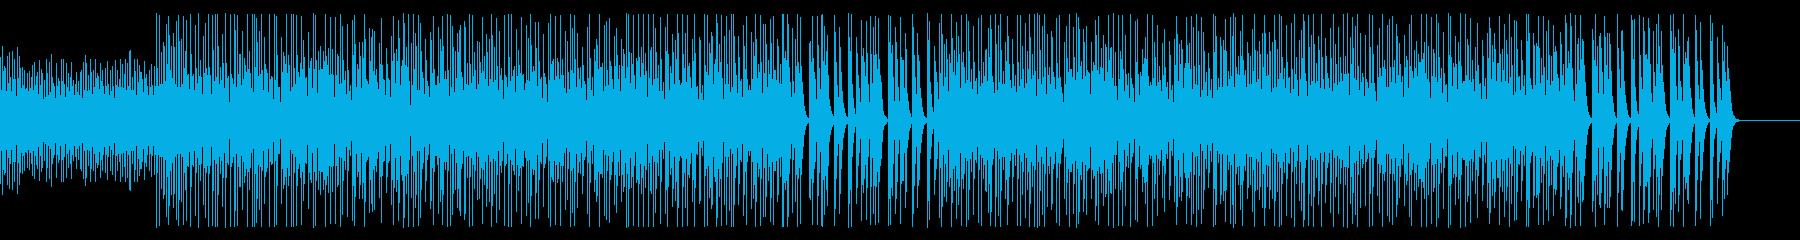 マリンバとシロフォンのBGMの再生済みの波形